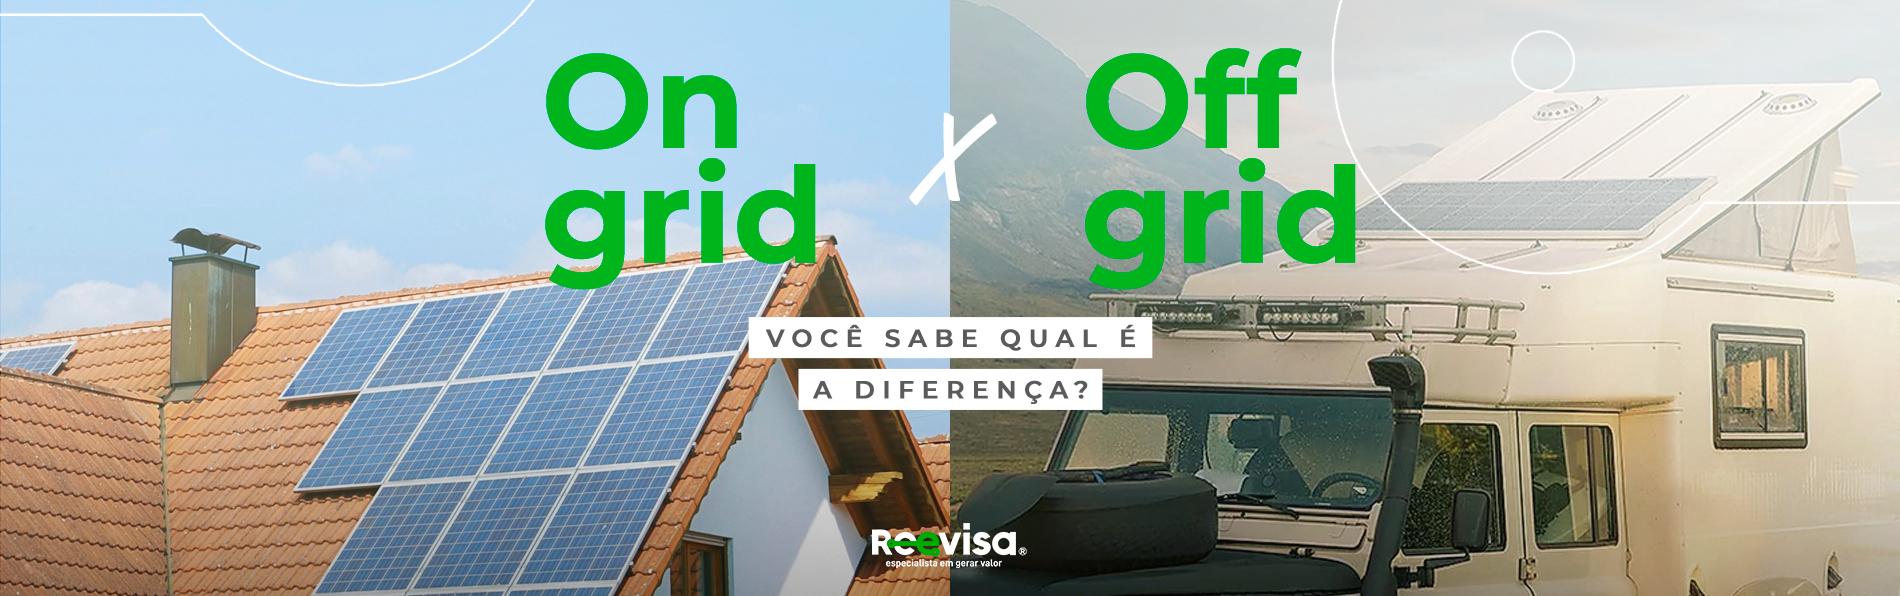 Energia solar On Grid e Off Grid: você conhece a diferença?